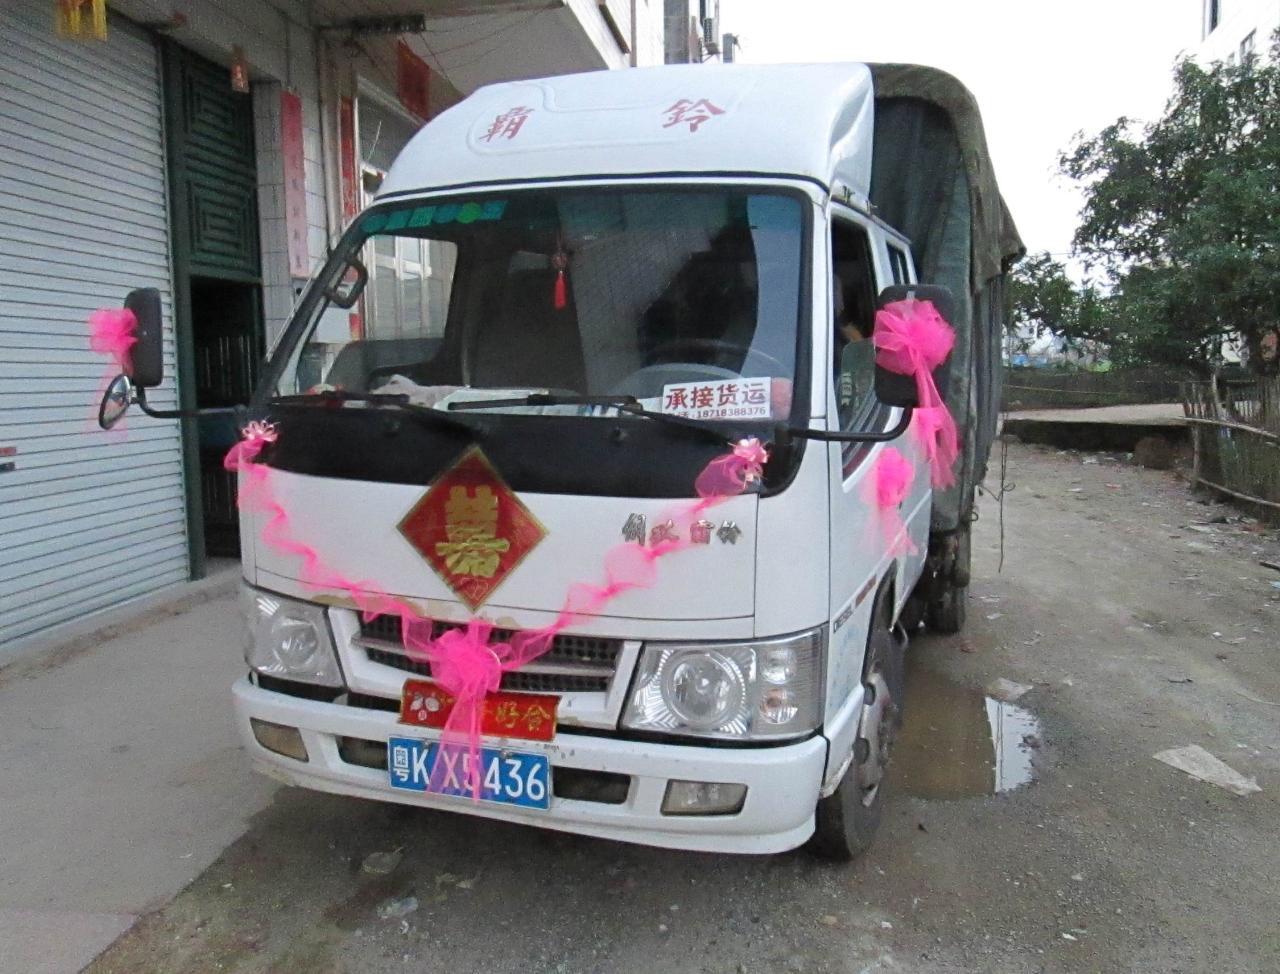 承接大小貨物運輸婚車丶花車拉嫁妝搬家搬廠廣吿宣傳車